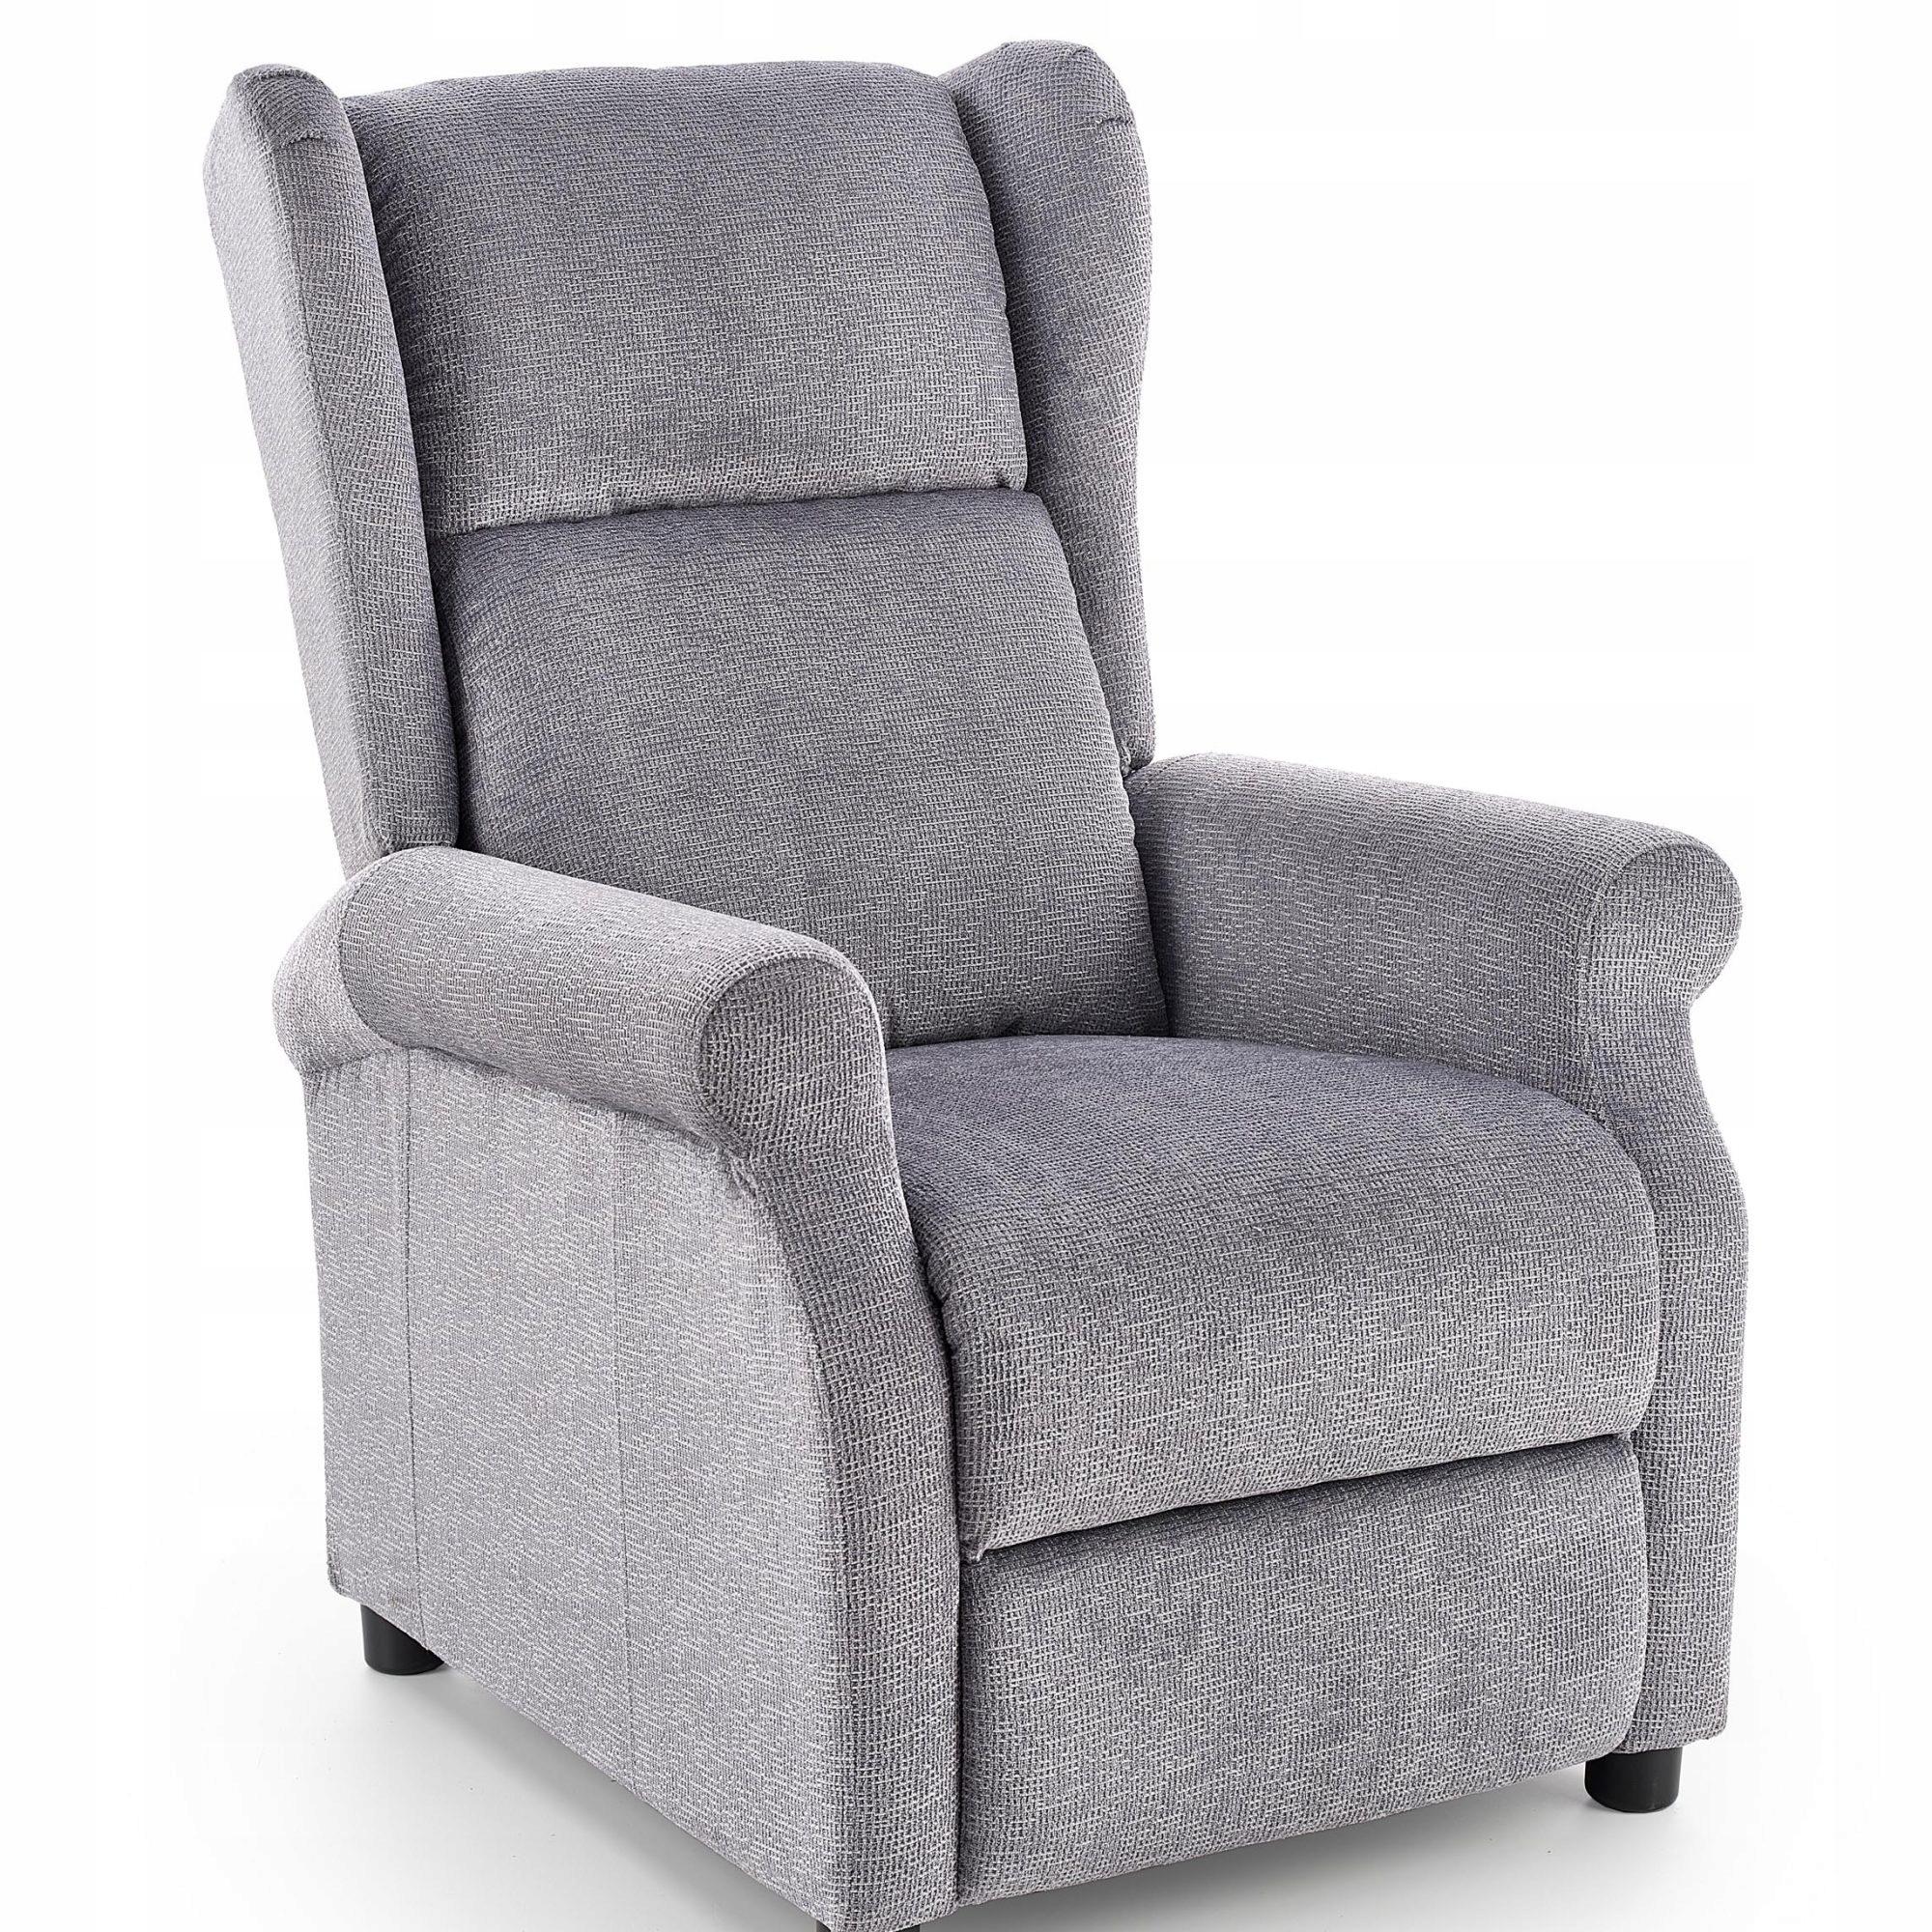 Кресло с откидной спинкой Agustin цвет СЕРЫЙ ГОСТИНАЯ